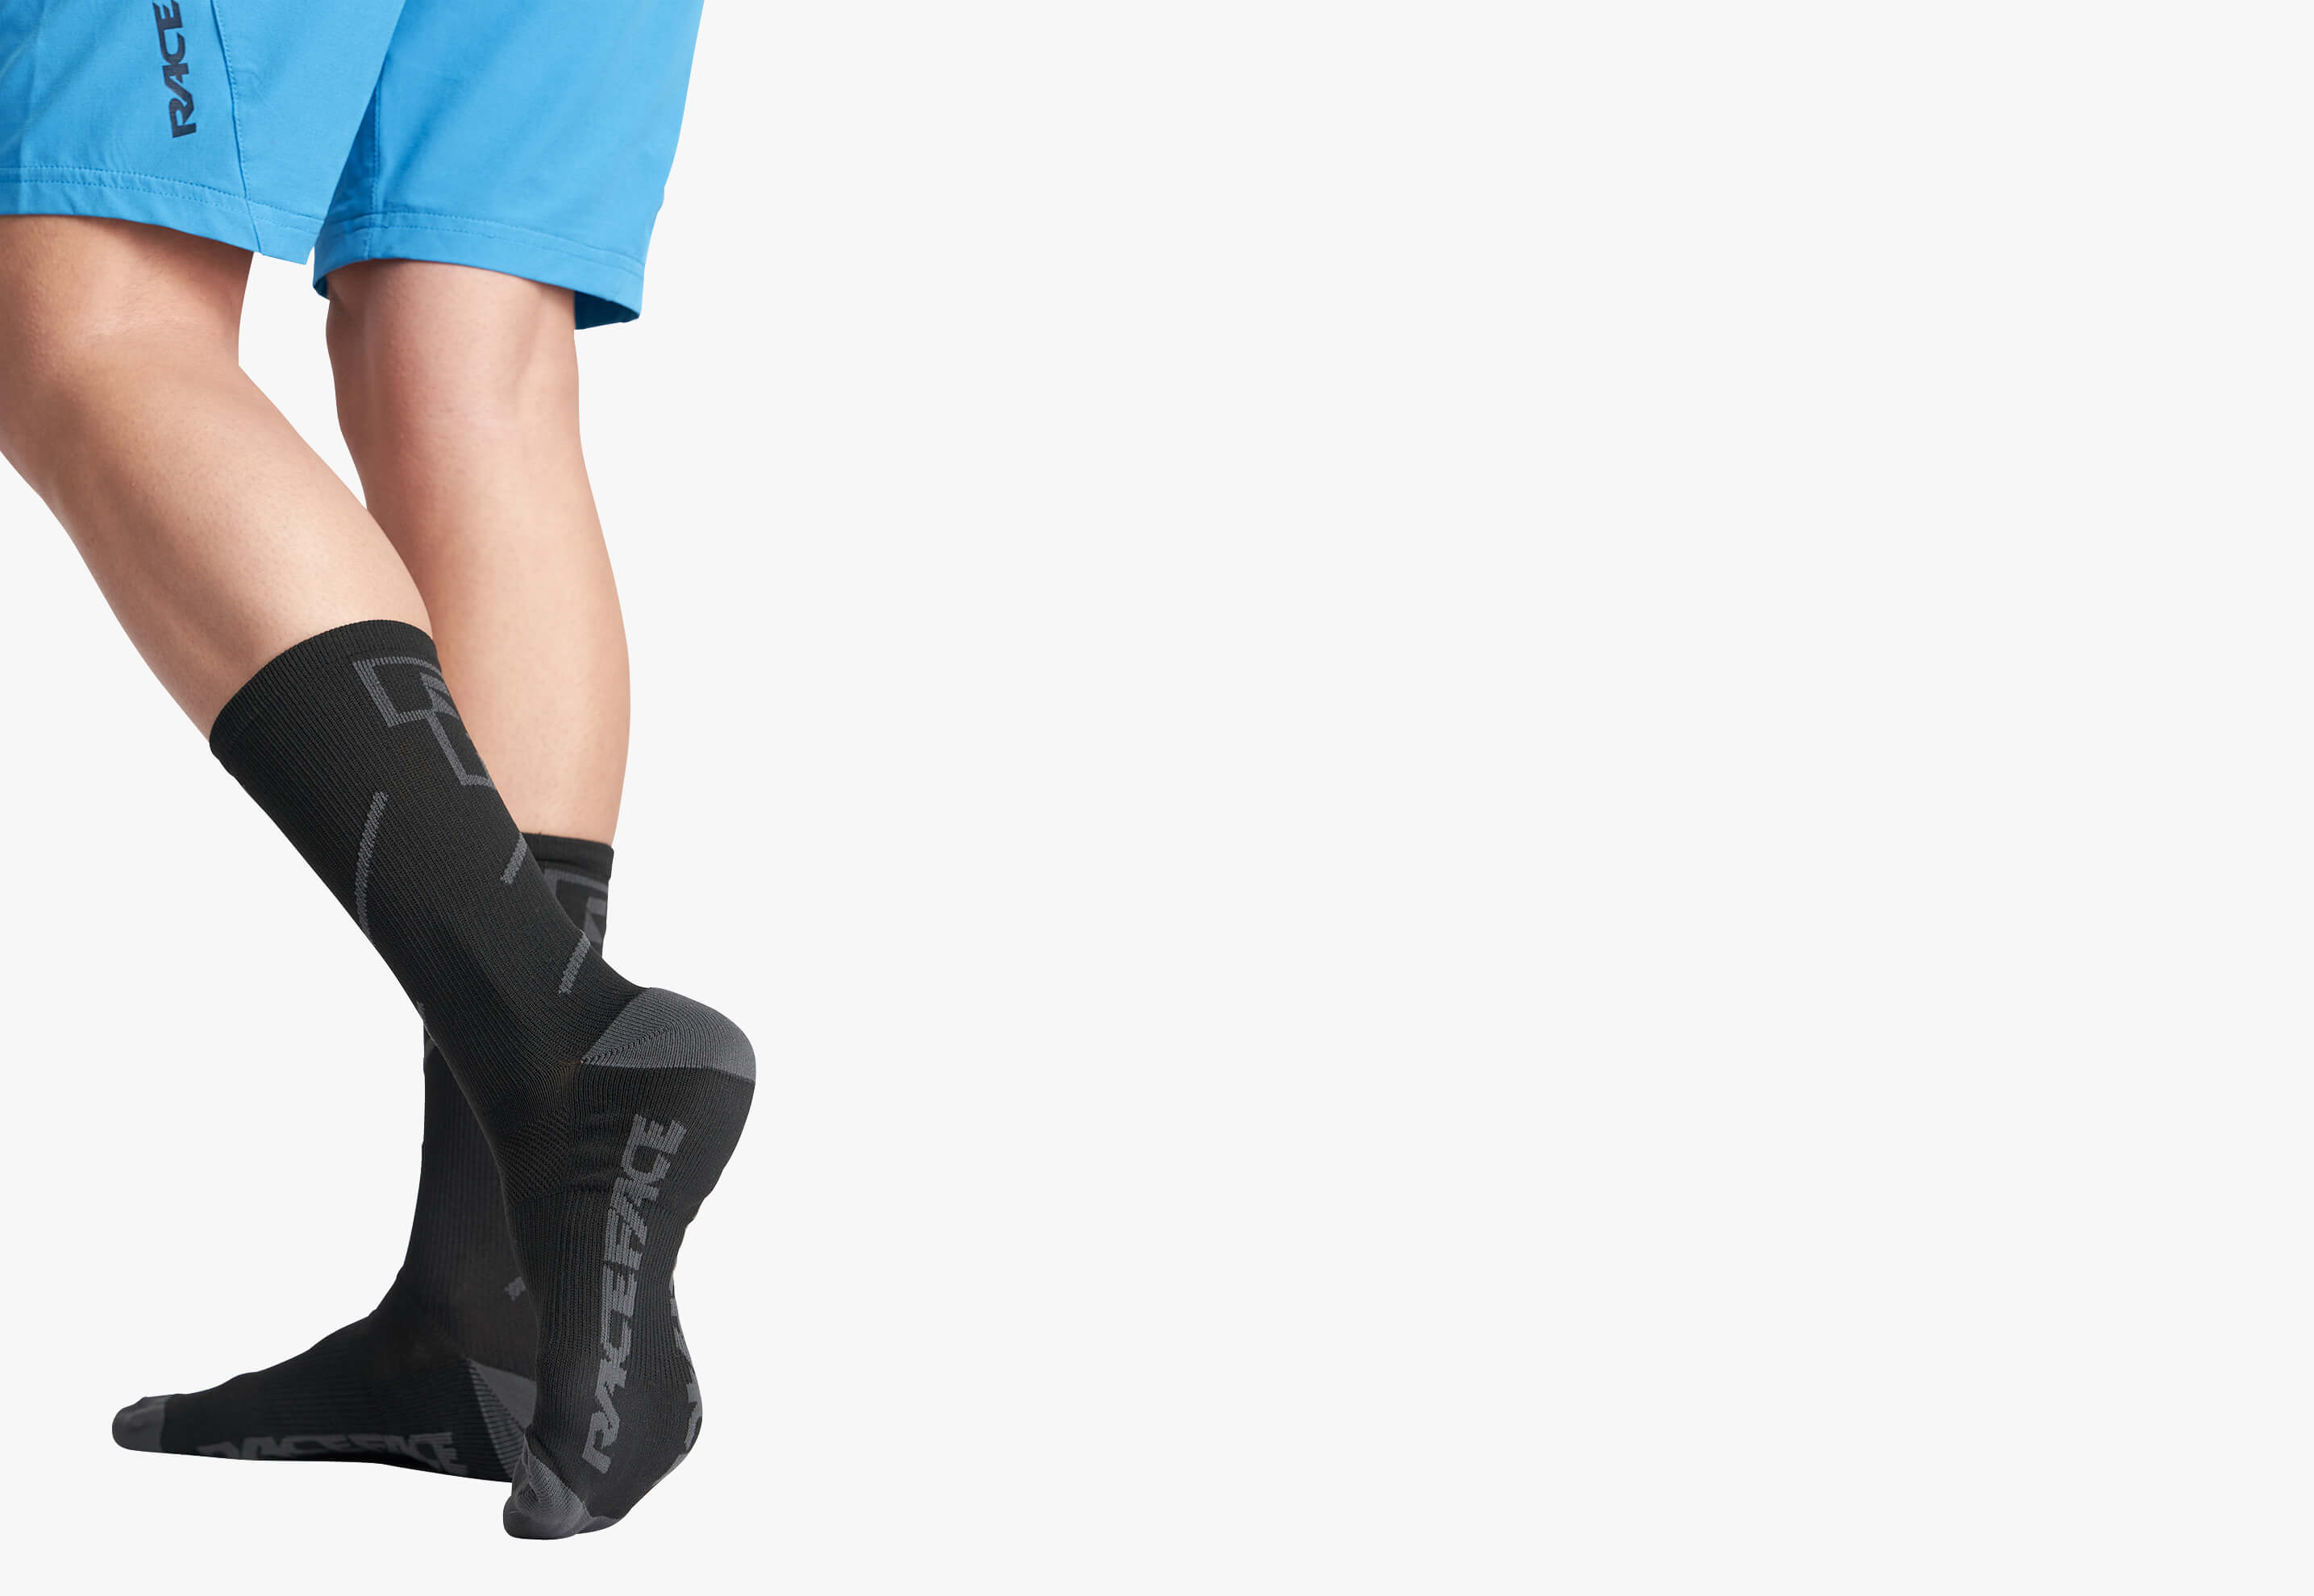 Gearjammer Sock